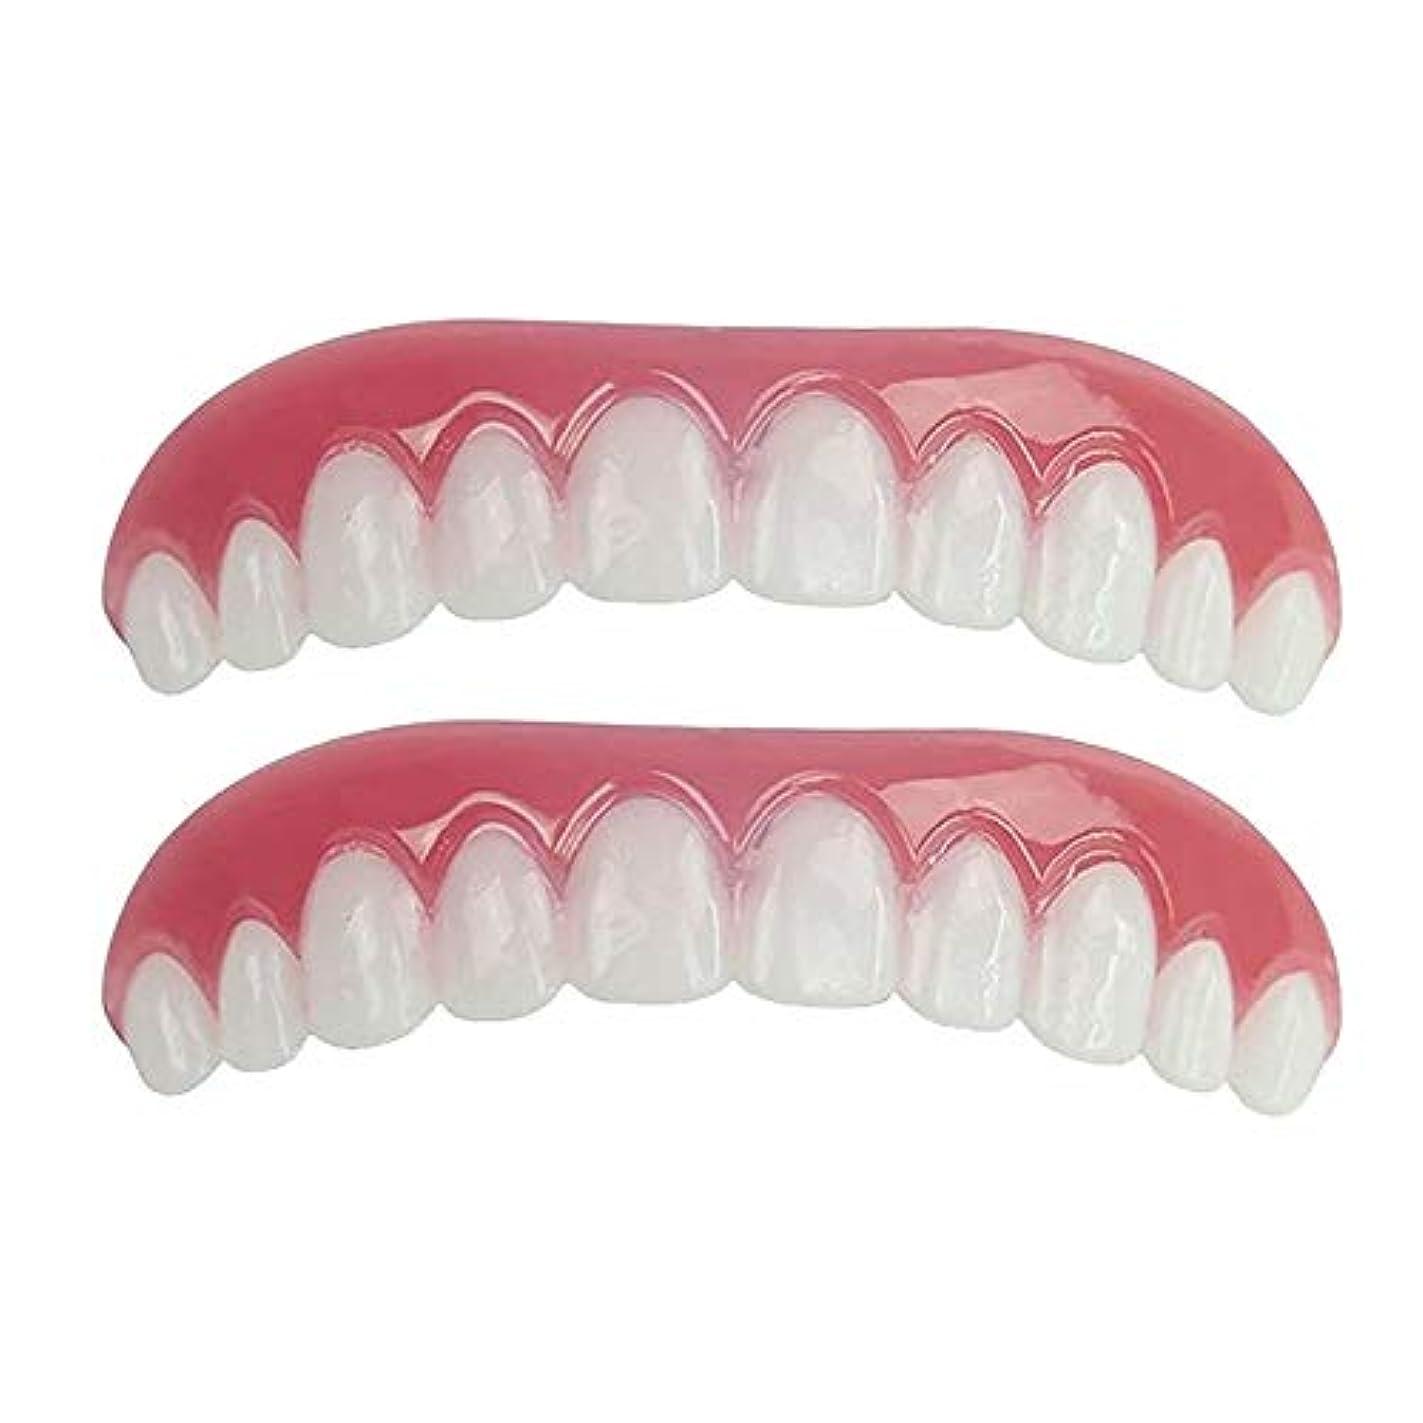 スワップ辛なエスカレーターシリコーンシミュレーション上下歯ブレース、ホワイトニング義歯(1セット),A